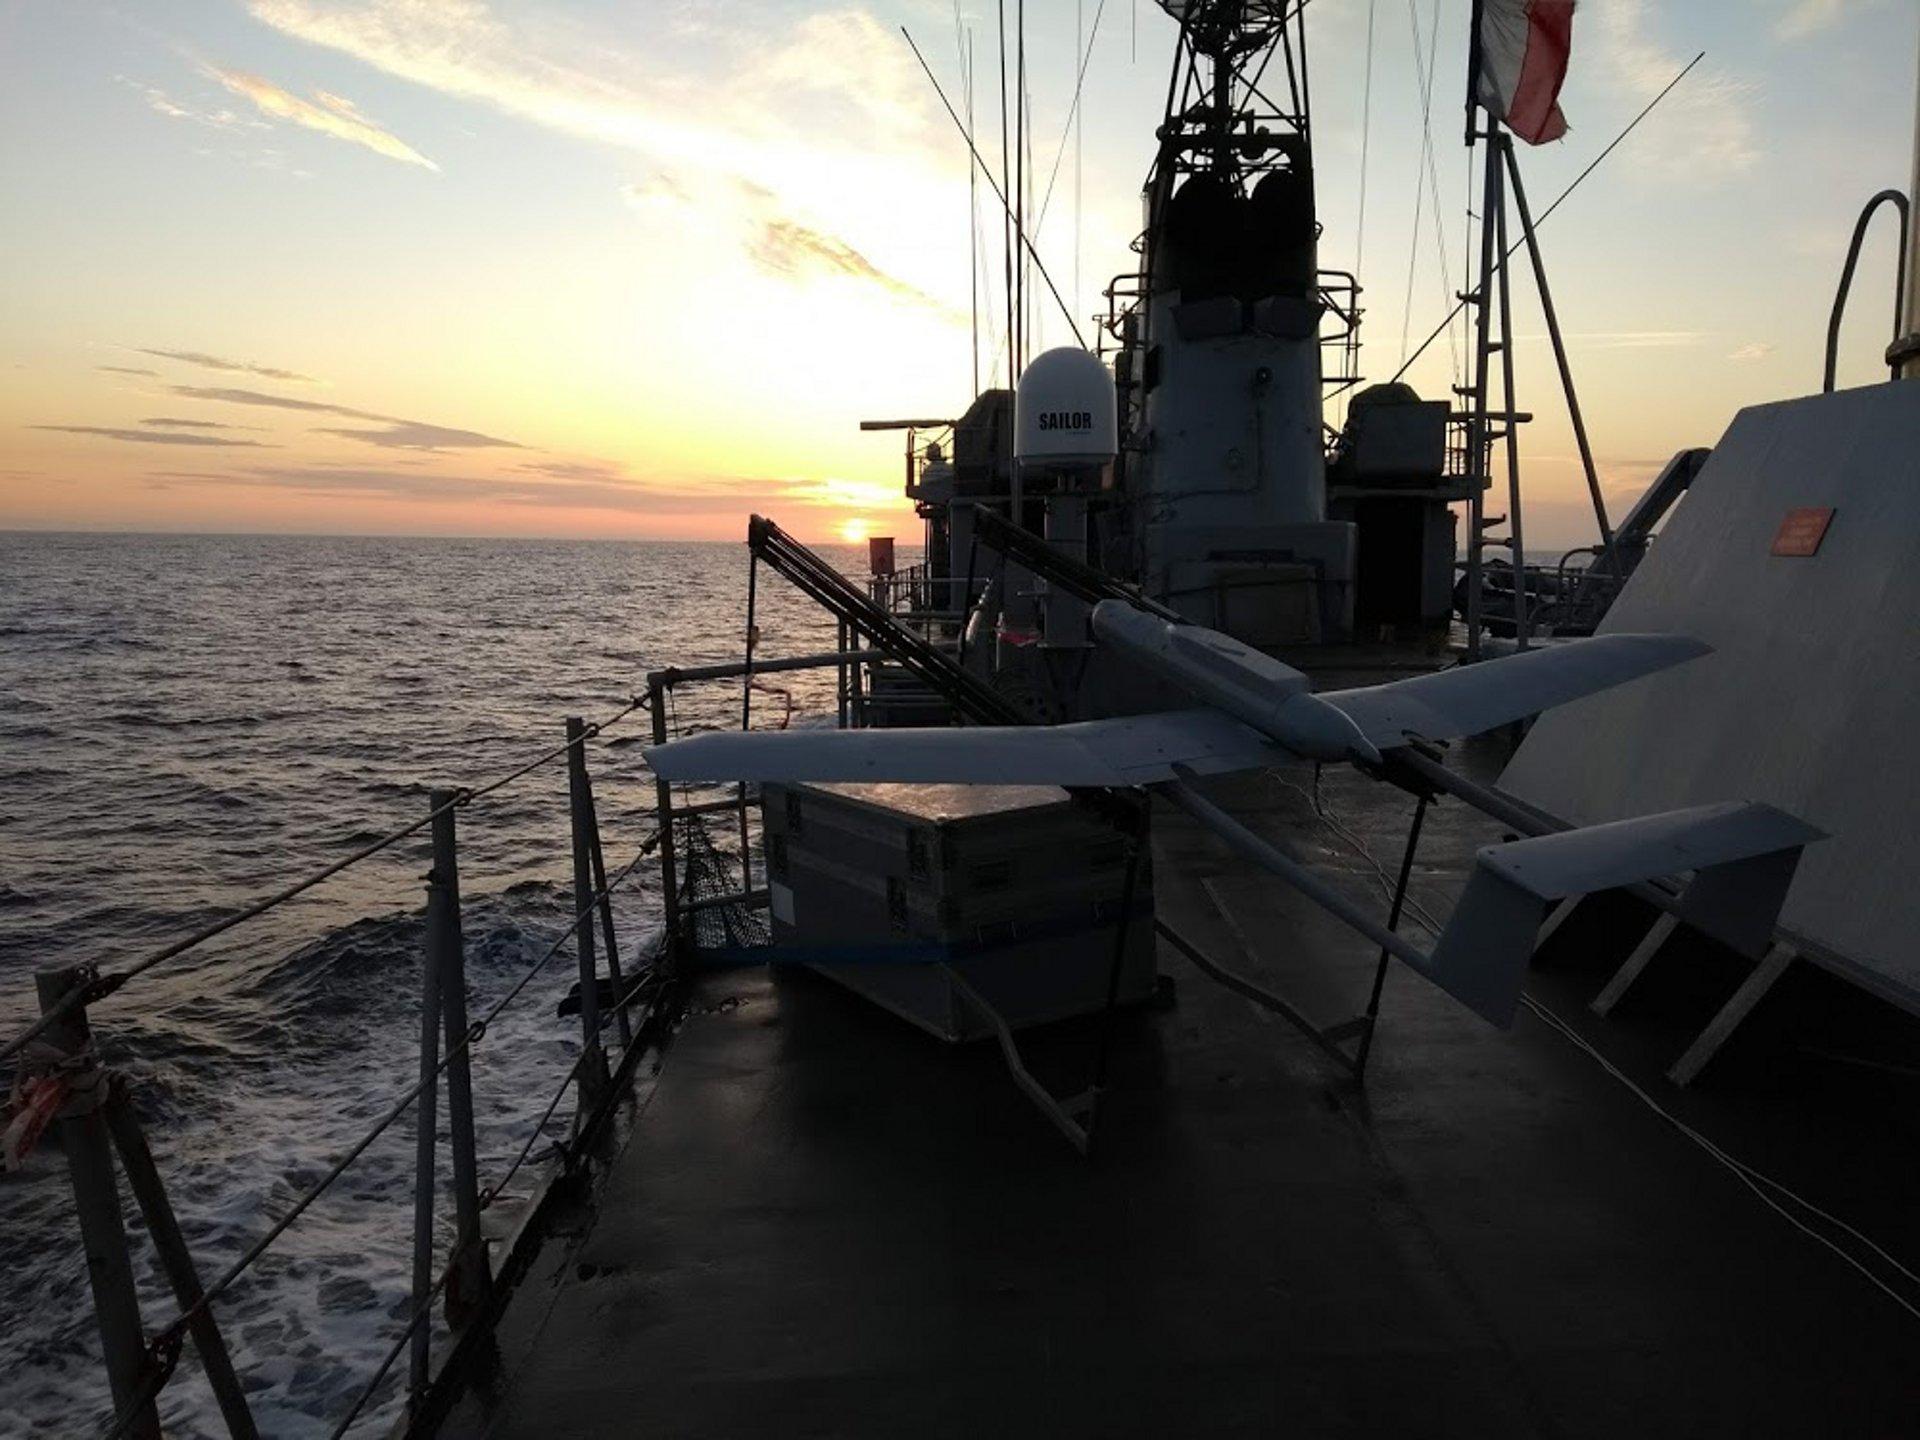 这种UAS适用于海军舰艇的操作,可以执行需要A + 50公里范围的任务,并需要三小时的耐力。它可以在船舶之前进行多种任务,包括智力,监控和侦察(ISR),目标跟踪和通知,搜救和反盗版行动。